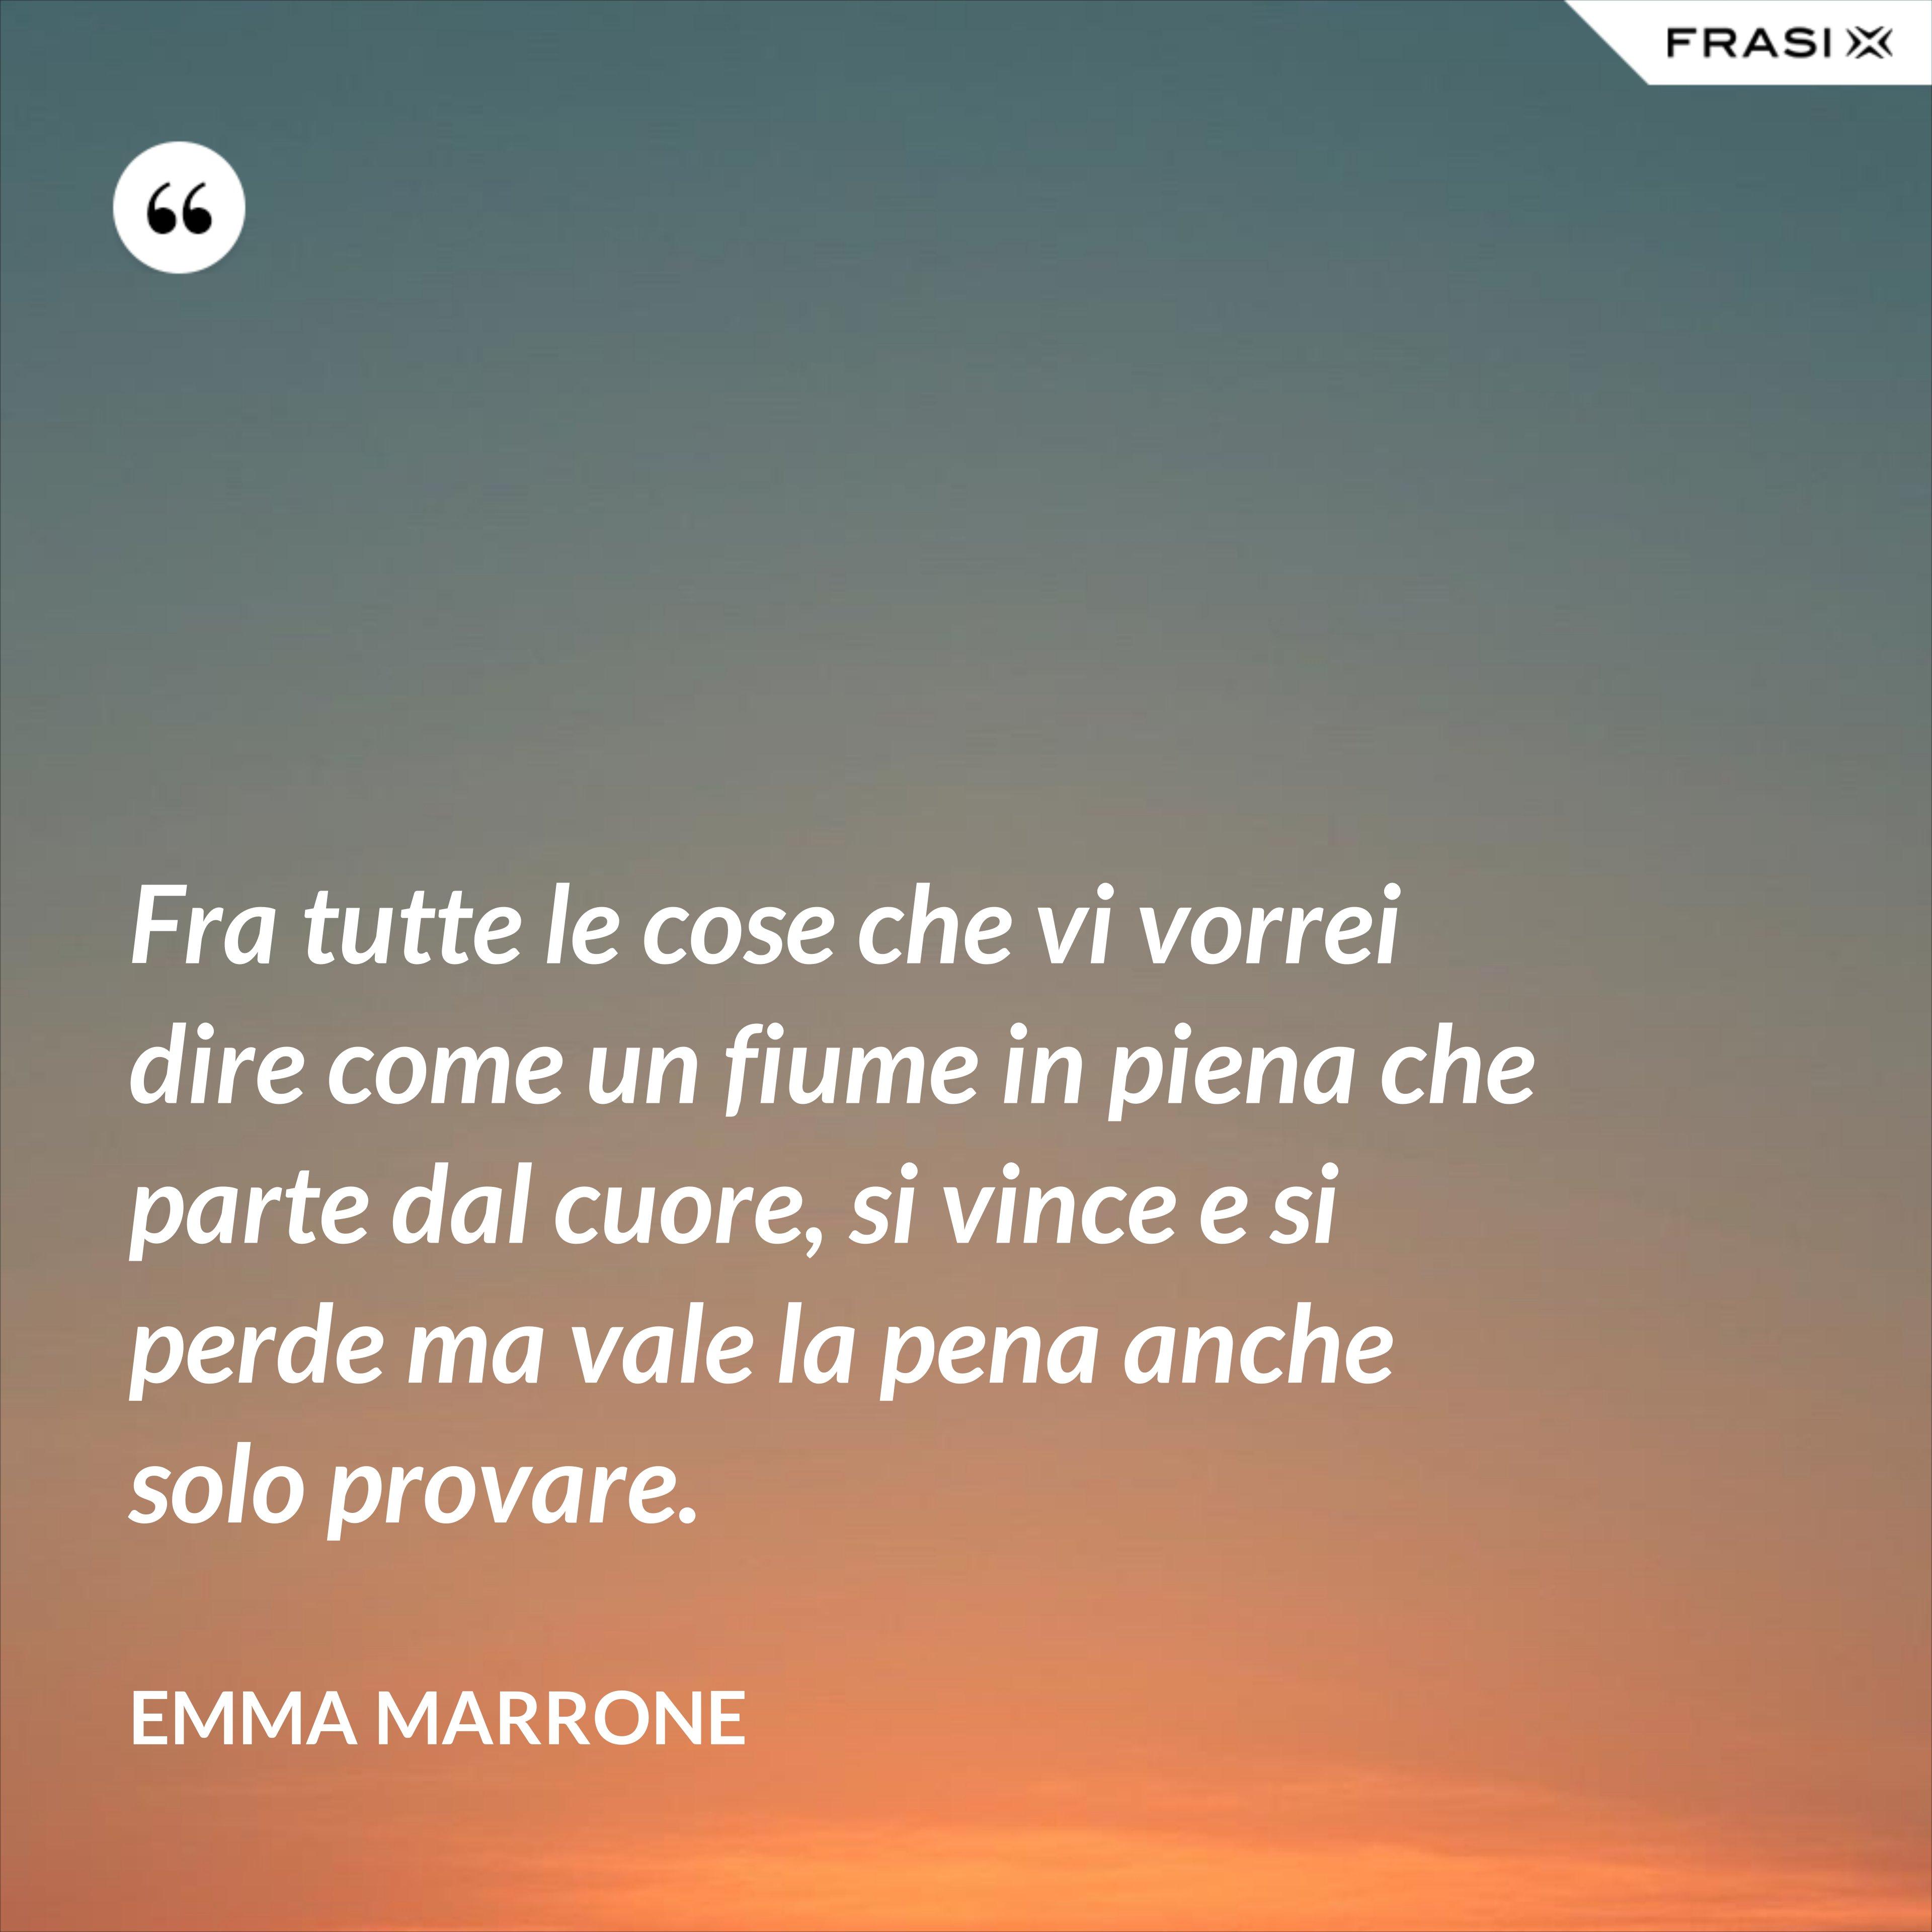 Fra tutte le cose che vi vorrei dire come un fiume in piena che parte dal cuore, si vince e si perde ma vale la pena anche solo provare. - Emma Marrone